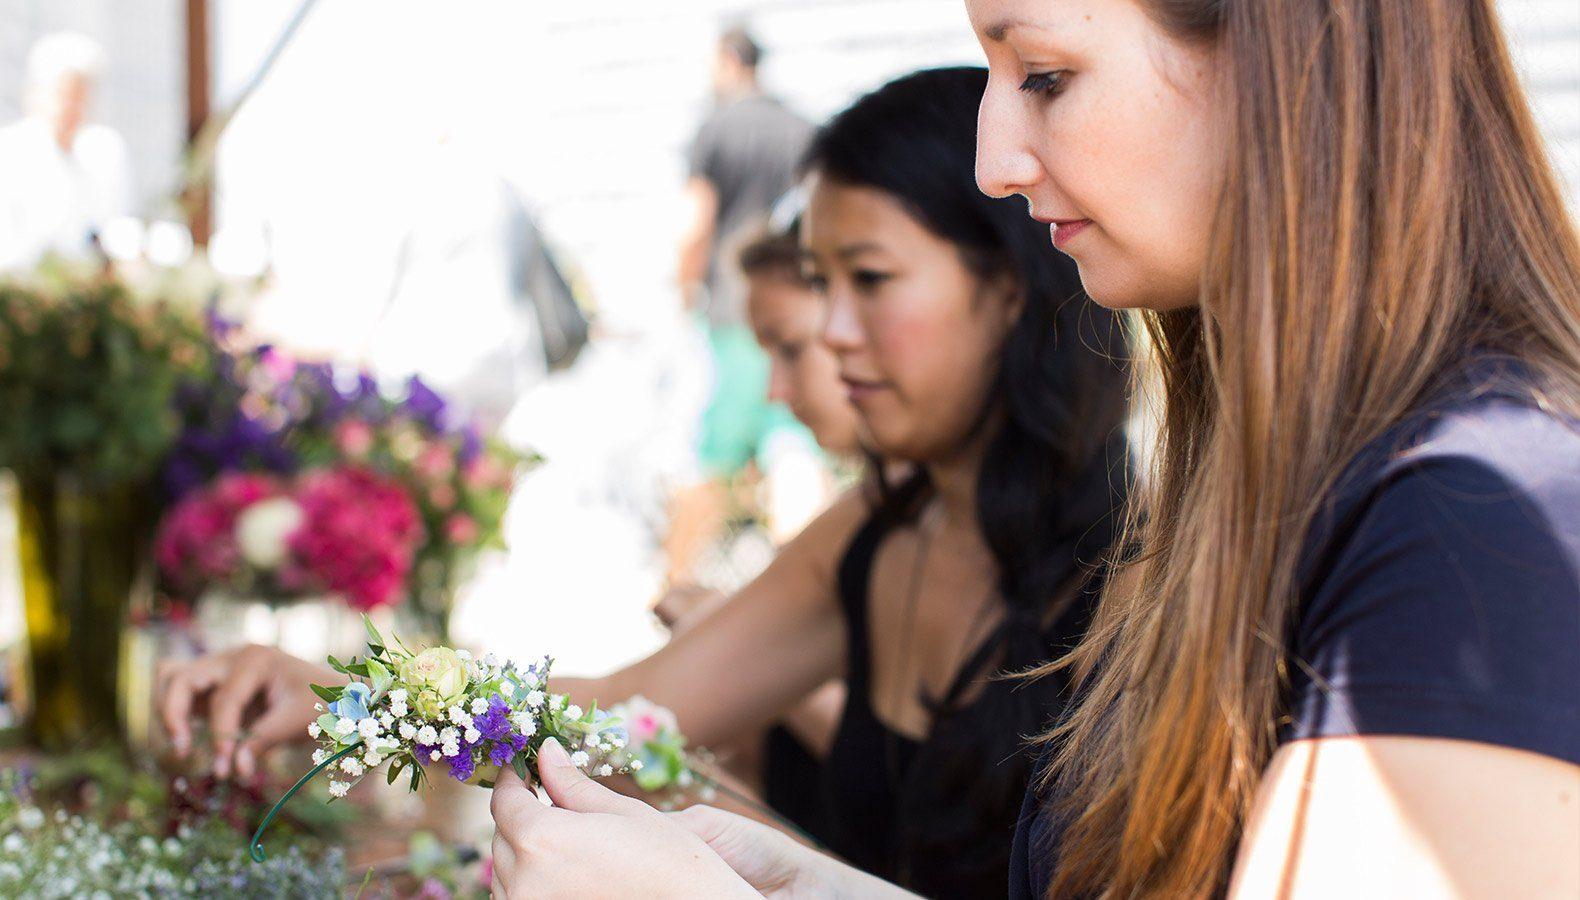 Zwei Floristikauszubildende wählen aus Ware Blumen aus, die sie in einen Strauß verbinden.